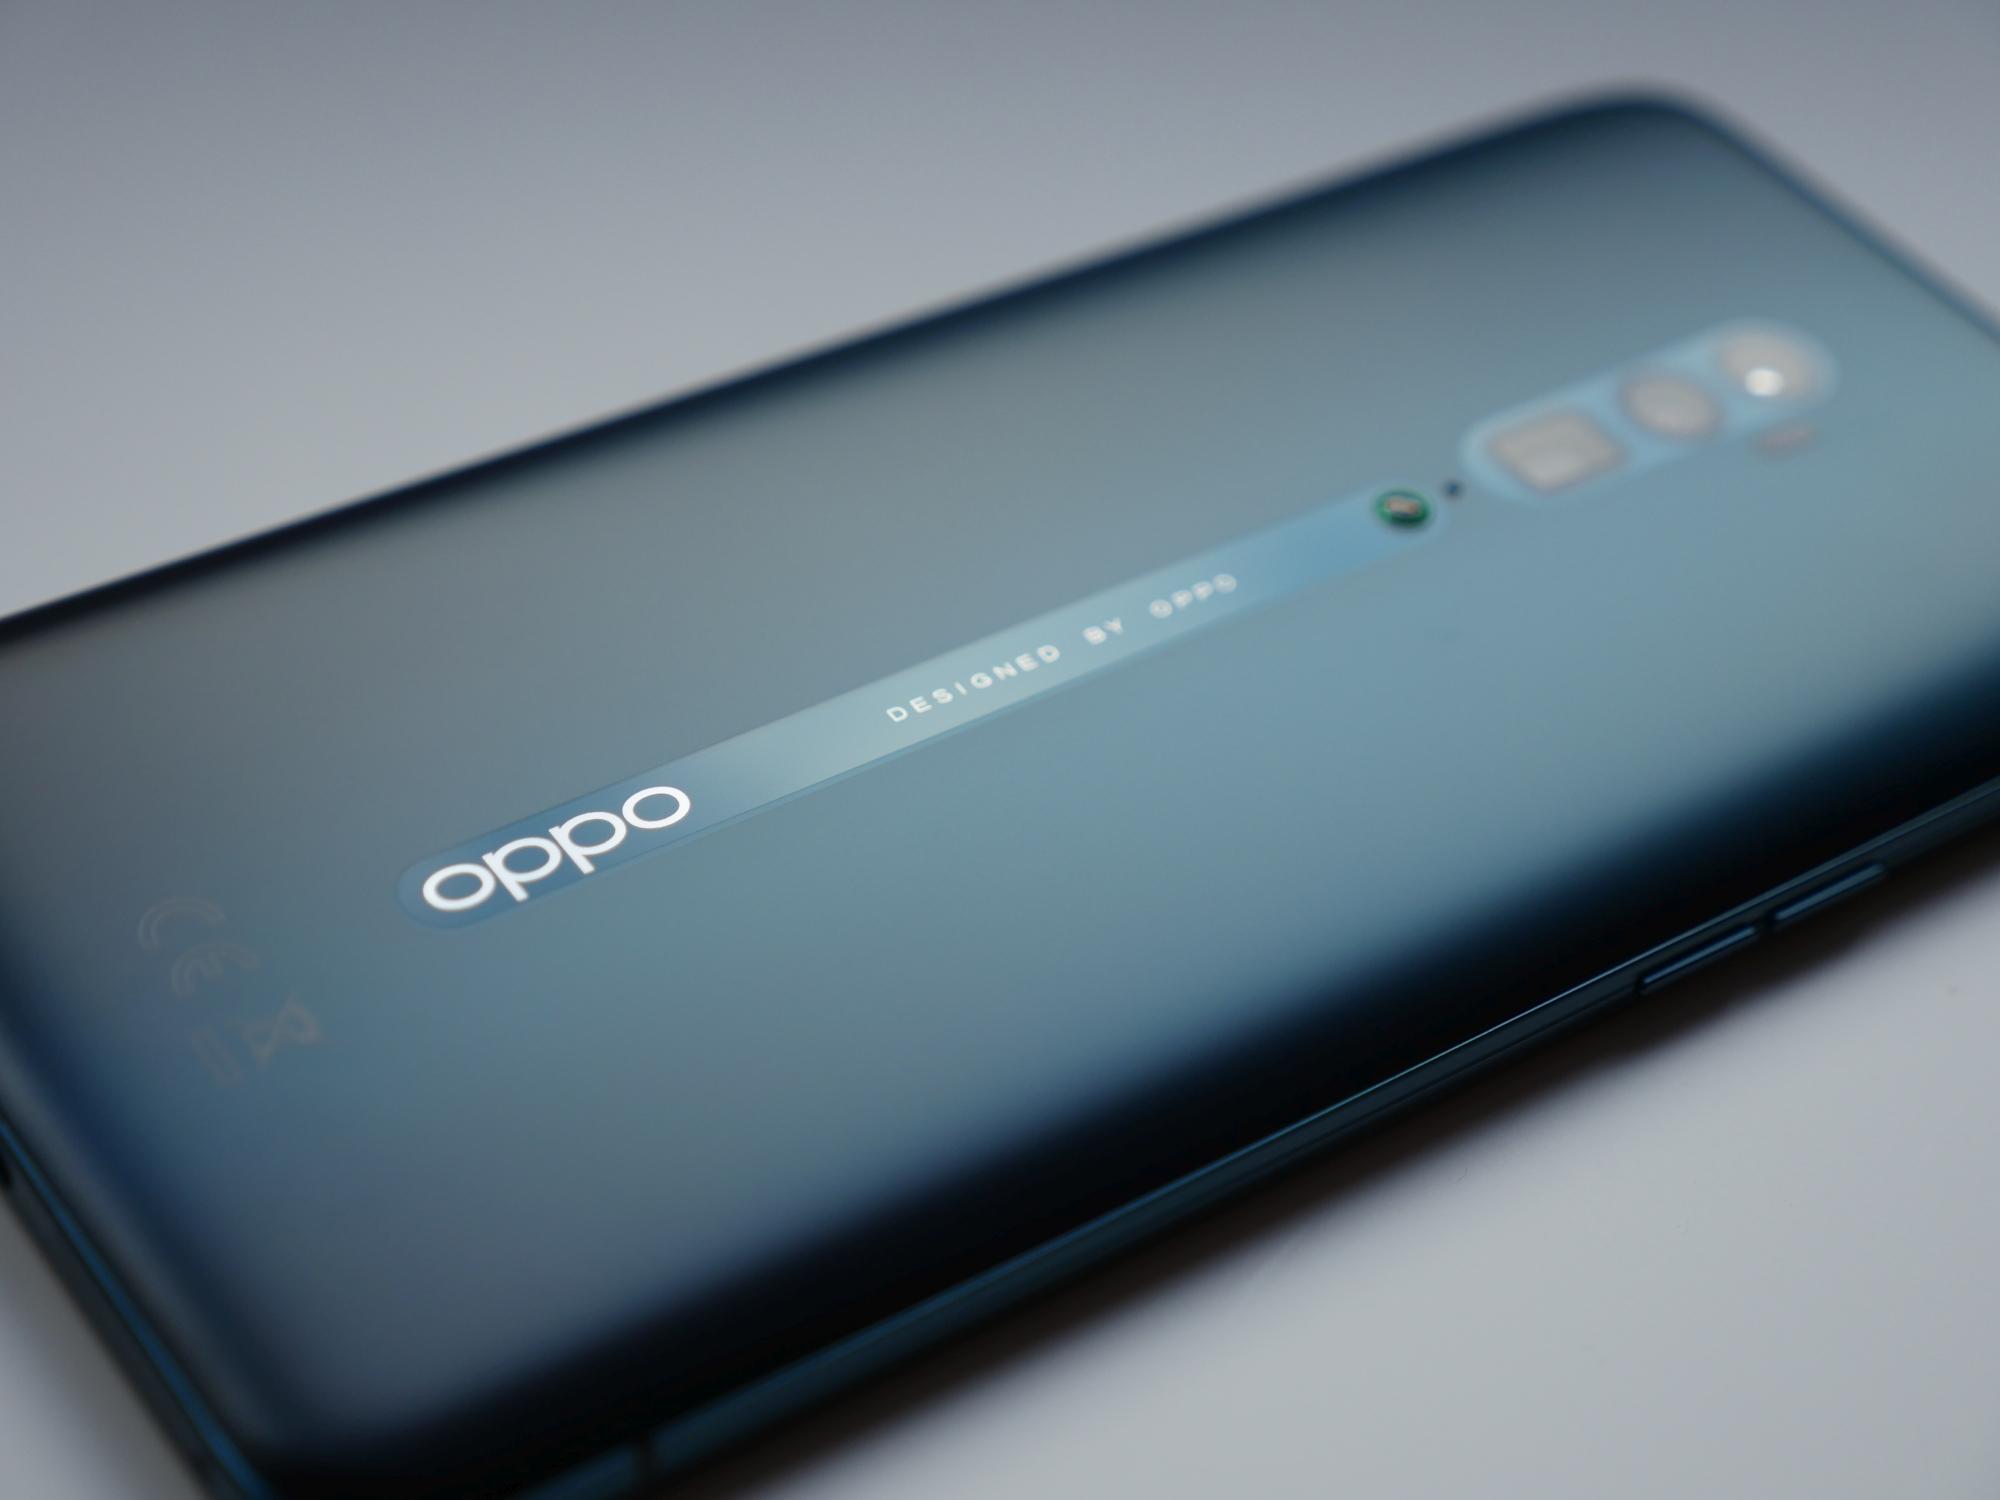 Nowy smartfon Oppo Reno Ace naładujesz prawie 4x szybciej niż iPhone'a 11 Pro